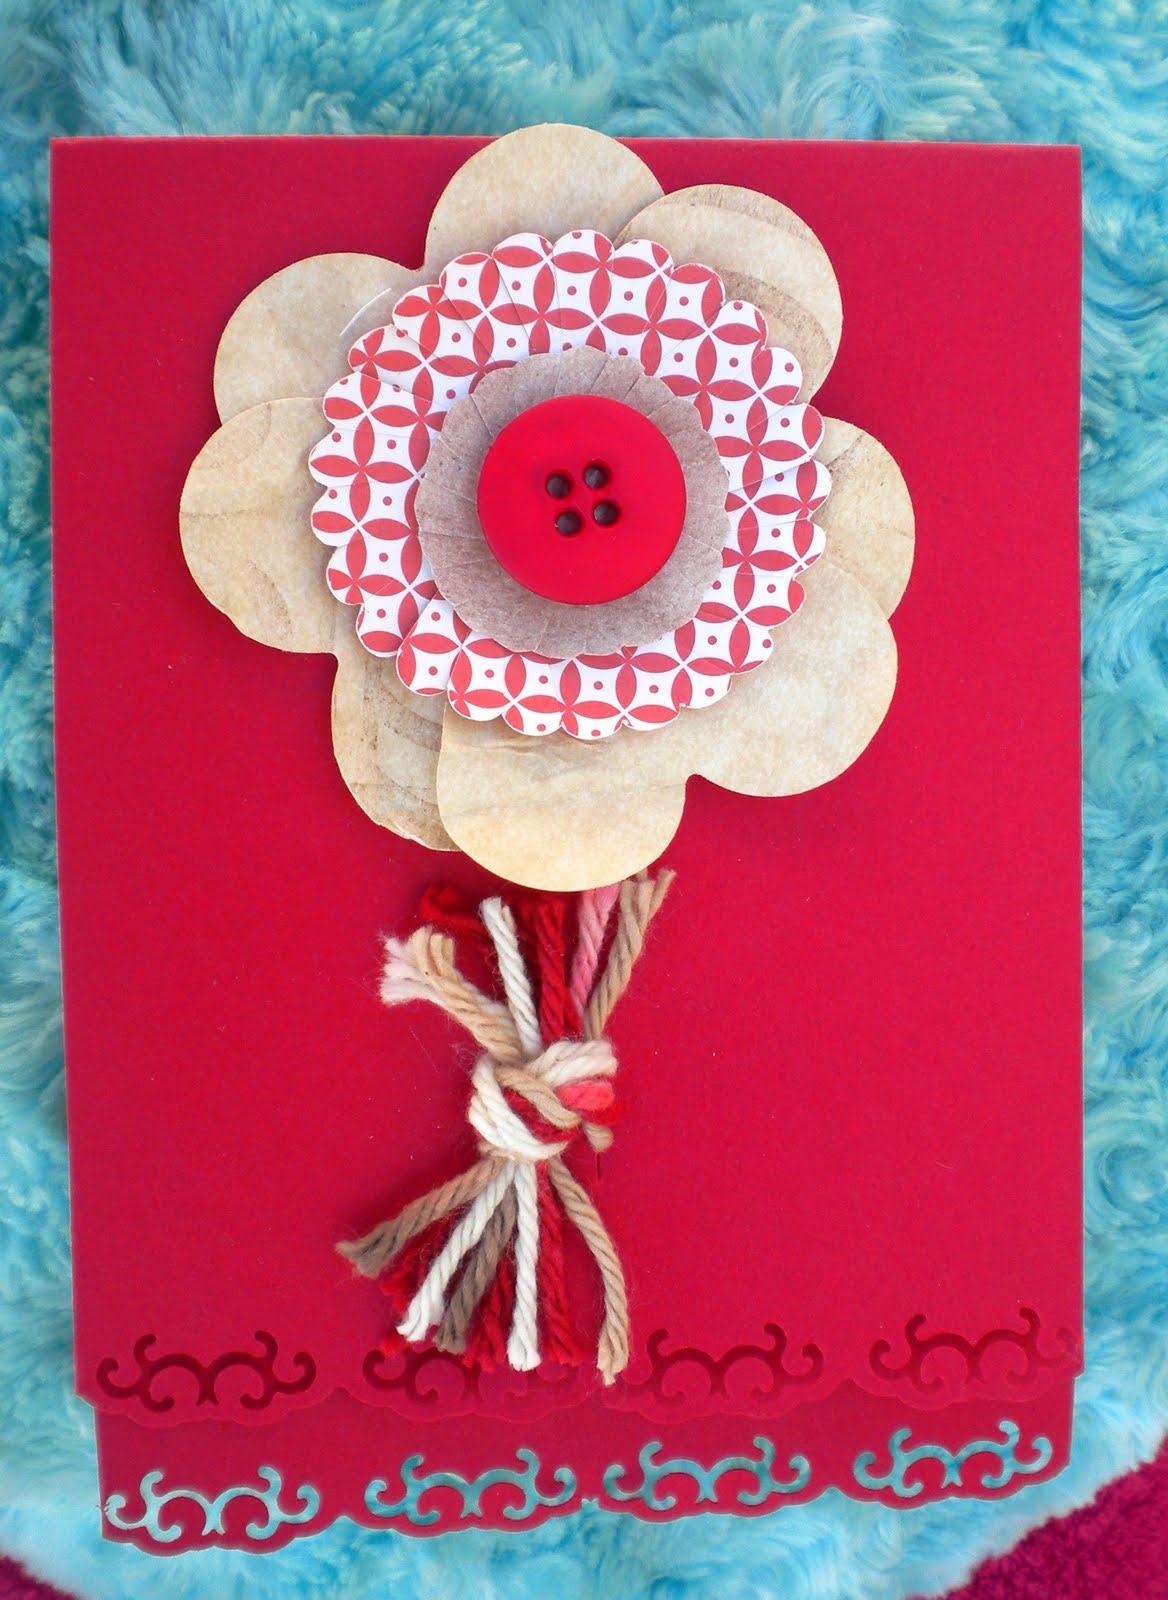 15 ideas para regalar una tarjeta de san valentin - Ideas para regalar en san valentin ...